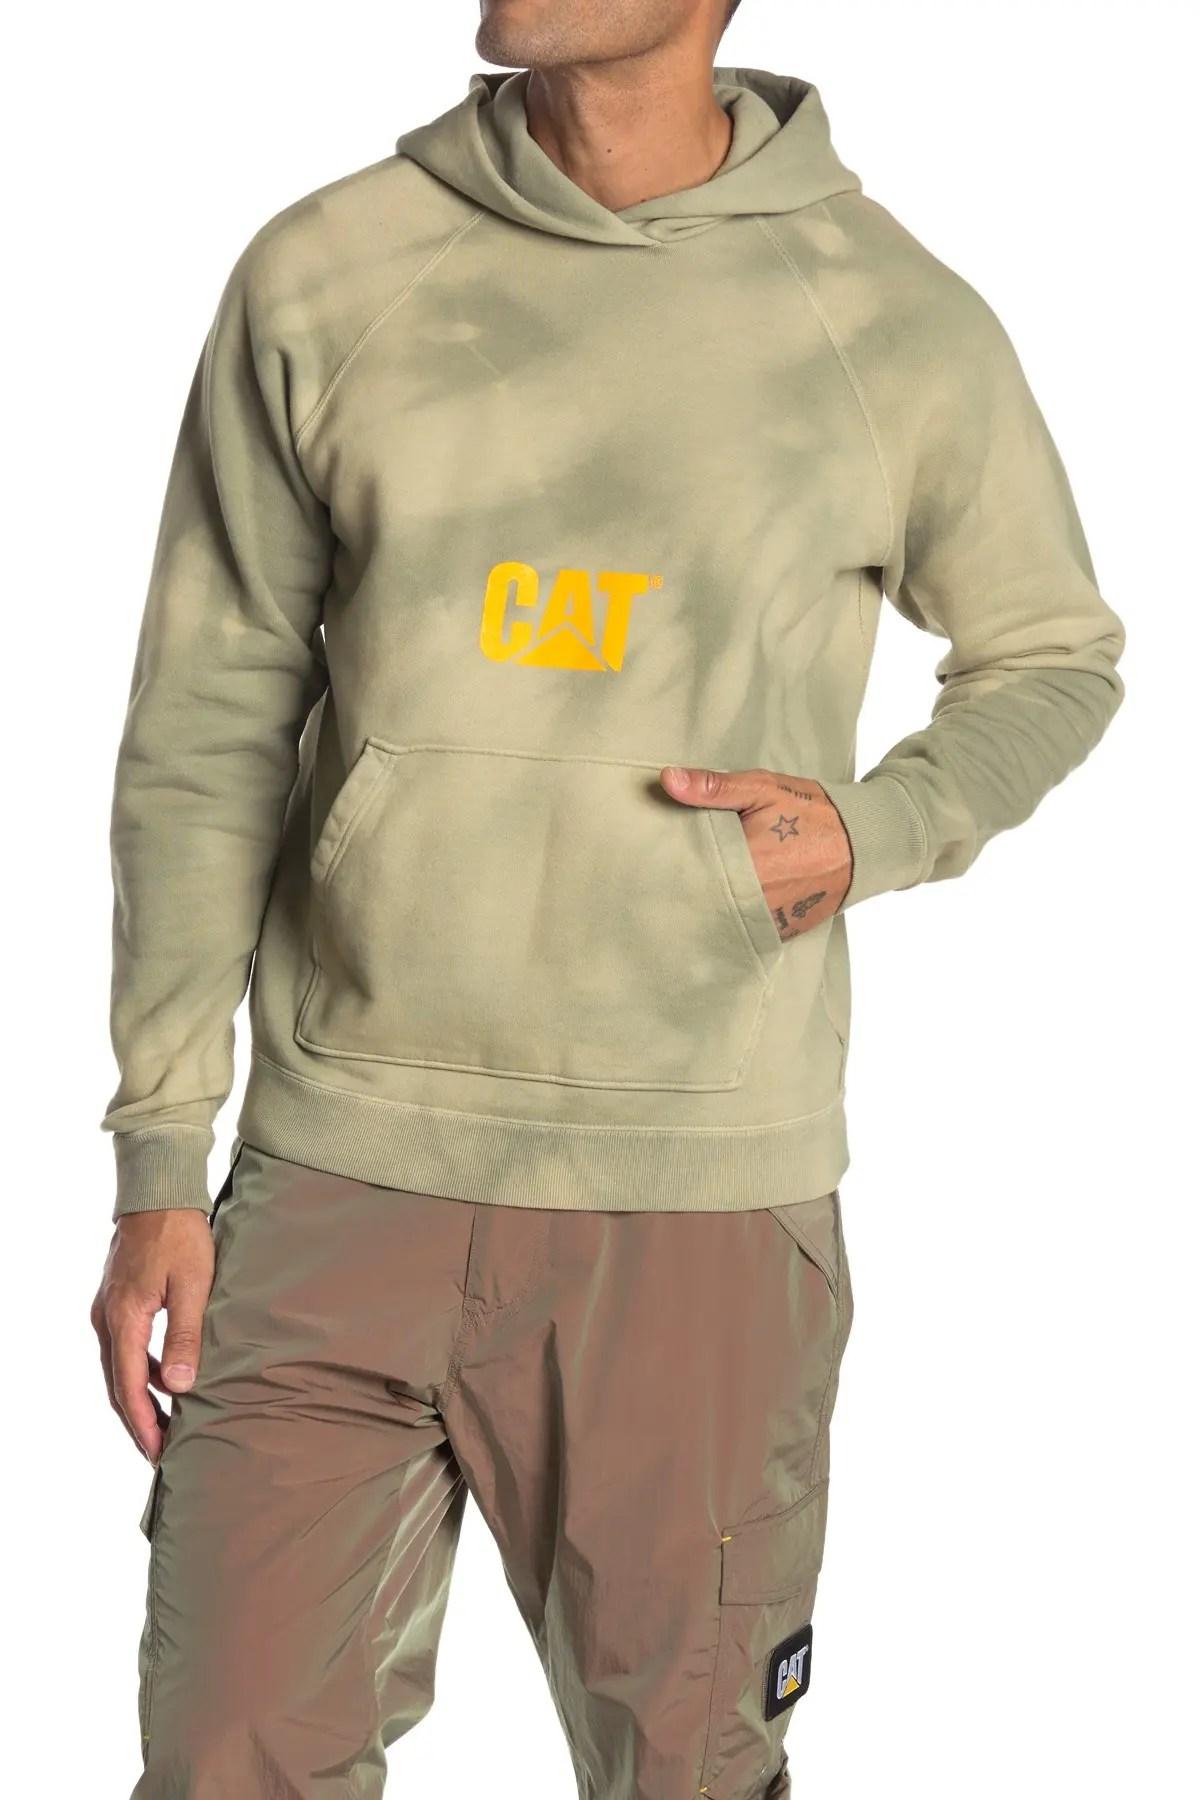 https www nordstromrack com brands john 20elliott men clothing sweatshirts 20 20hoodies hoodie